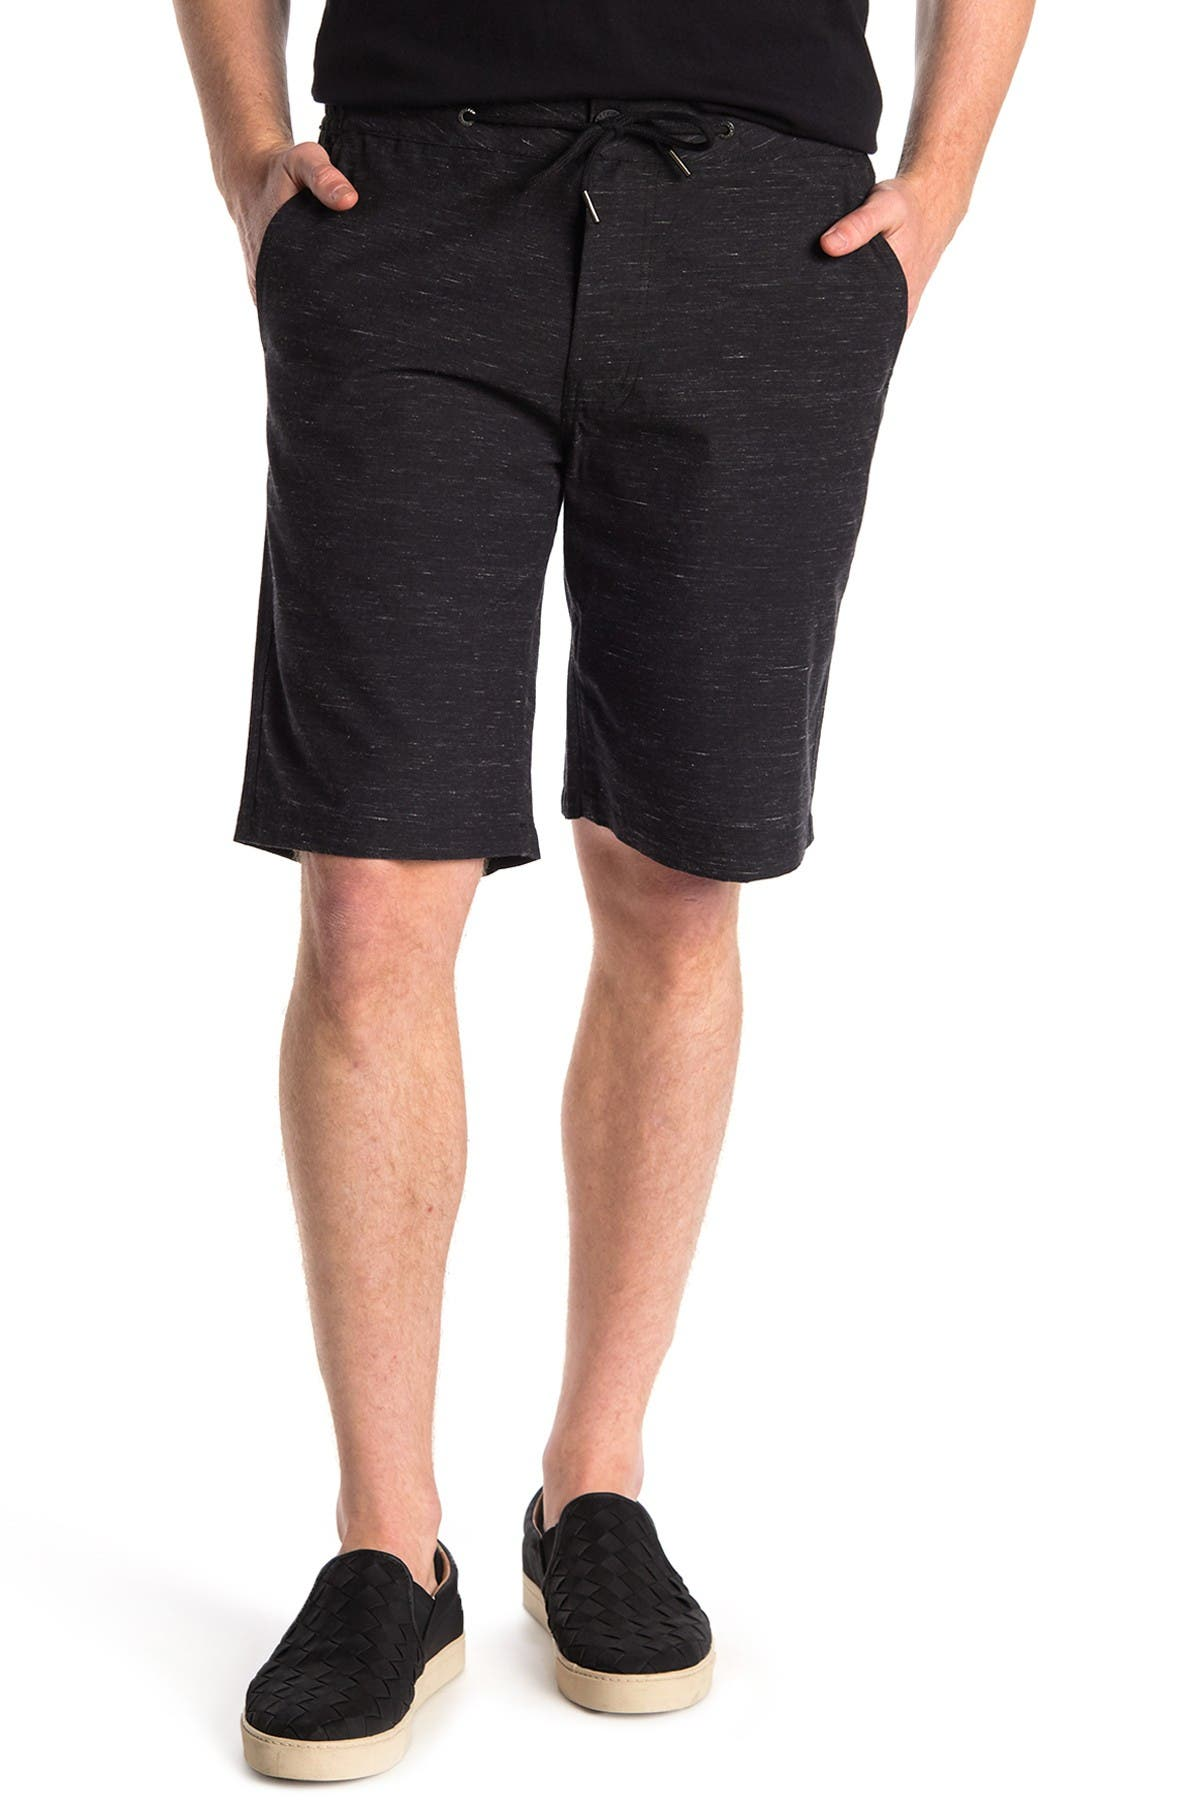 Image of Ezekiel Pali Heathered Drawstring Shorts